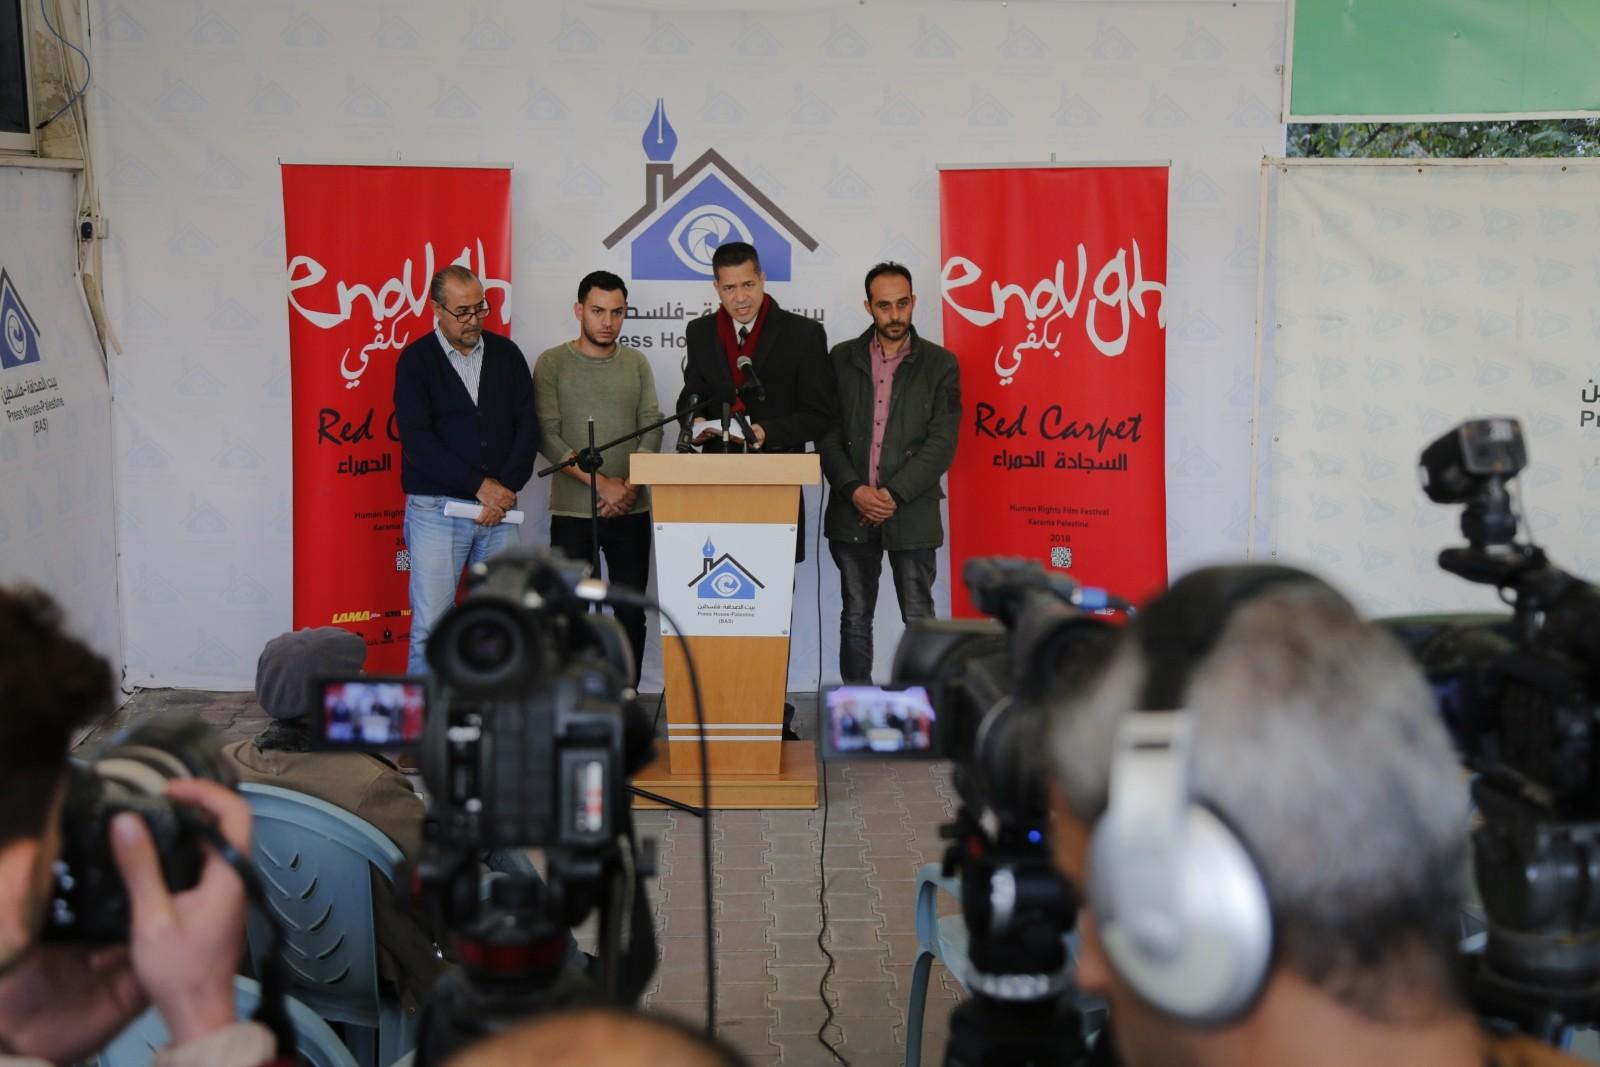 إنطلاق مهرجان 'السجادة الحمراء' في غزة والضفة